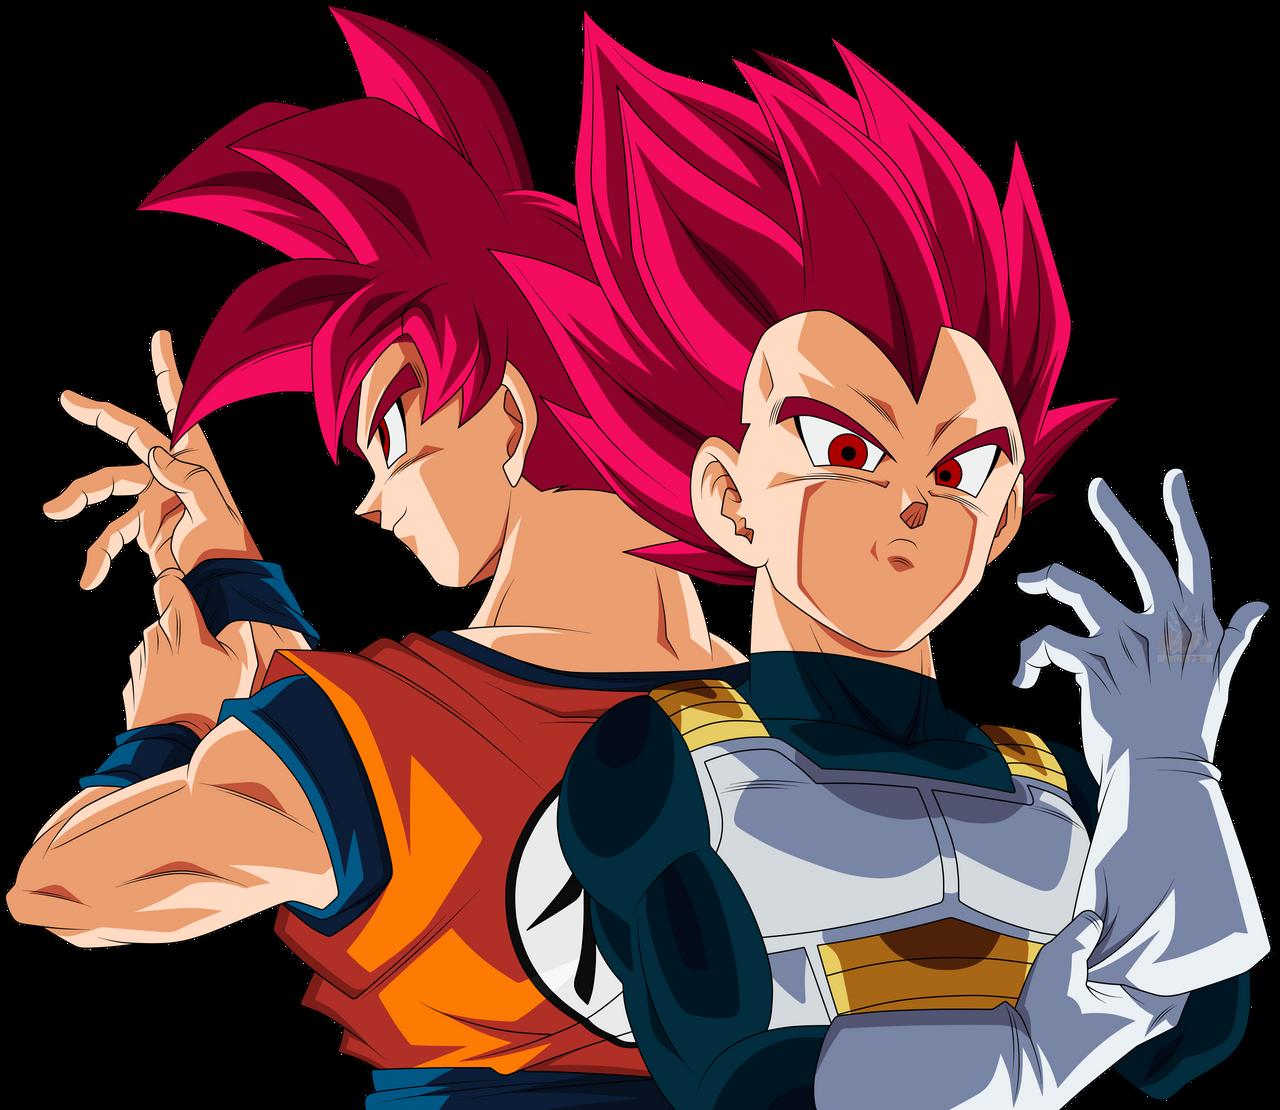 Goku Vegeta Ssgss Render Xkeeperz By Maxiuchiha22 Dragon Ball Goku And Vegeta Dragon Ball Goku